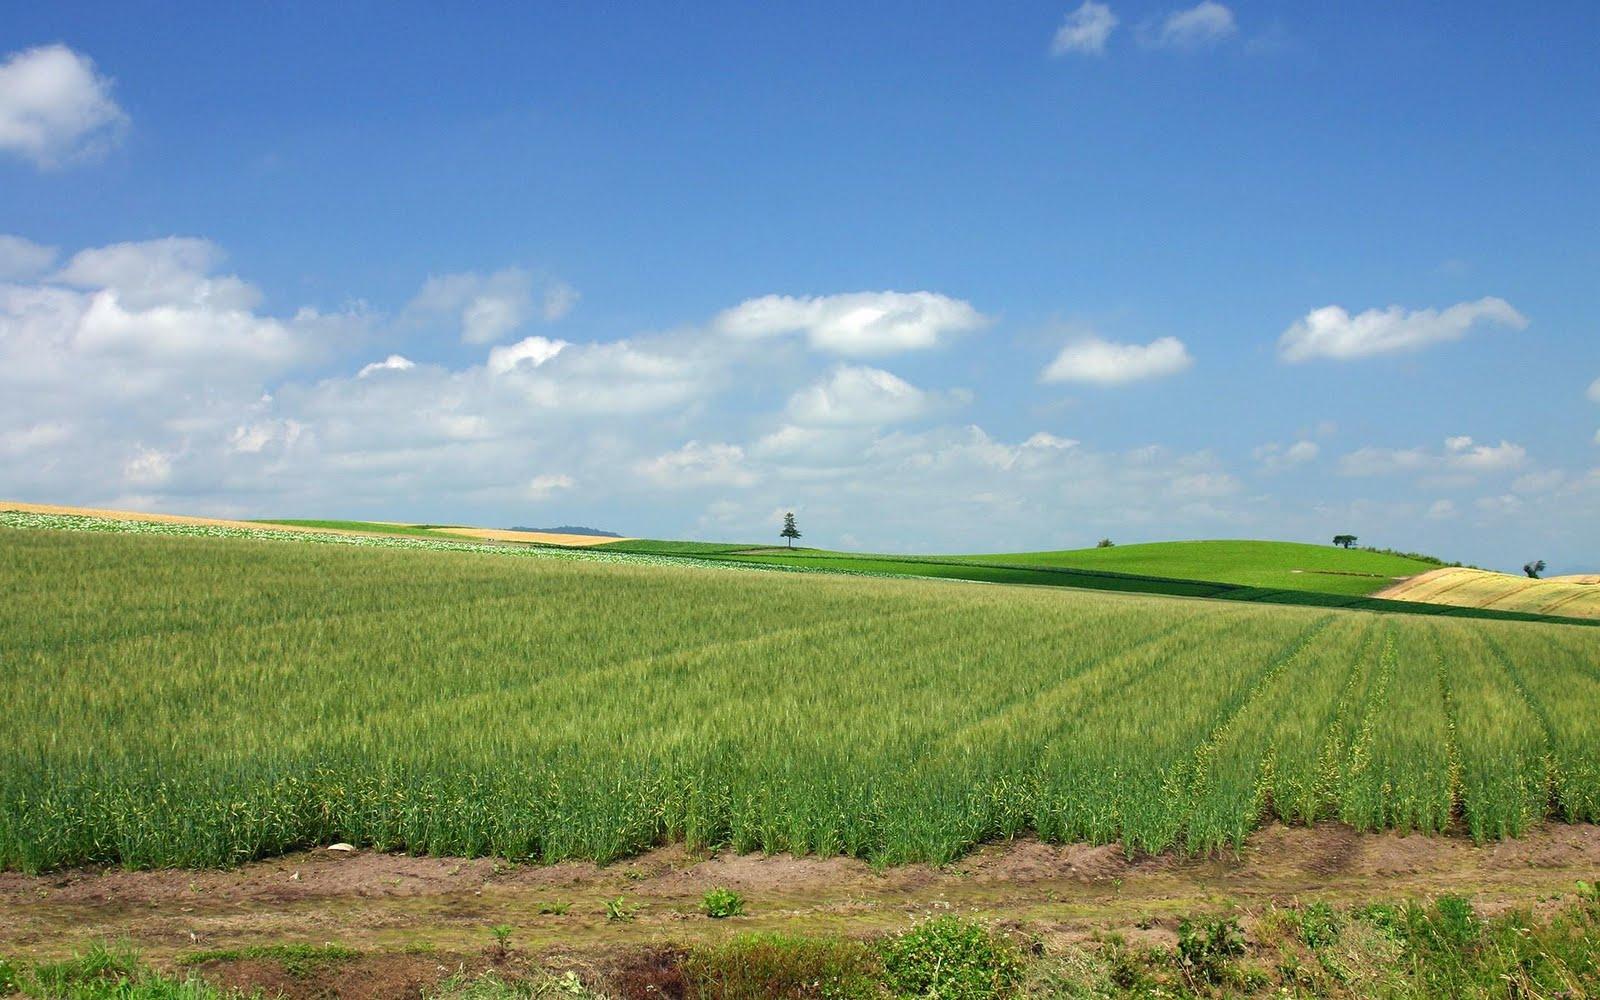 japan hokkaido landscape image - photo #18